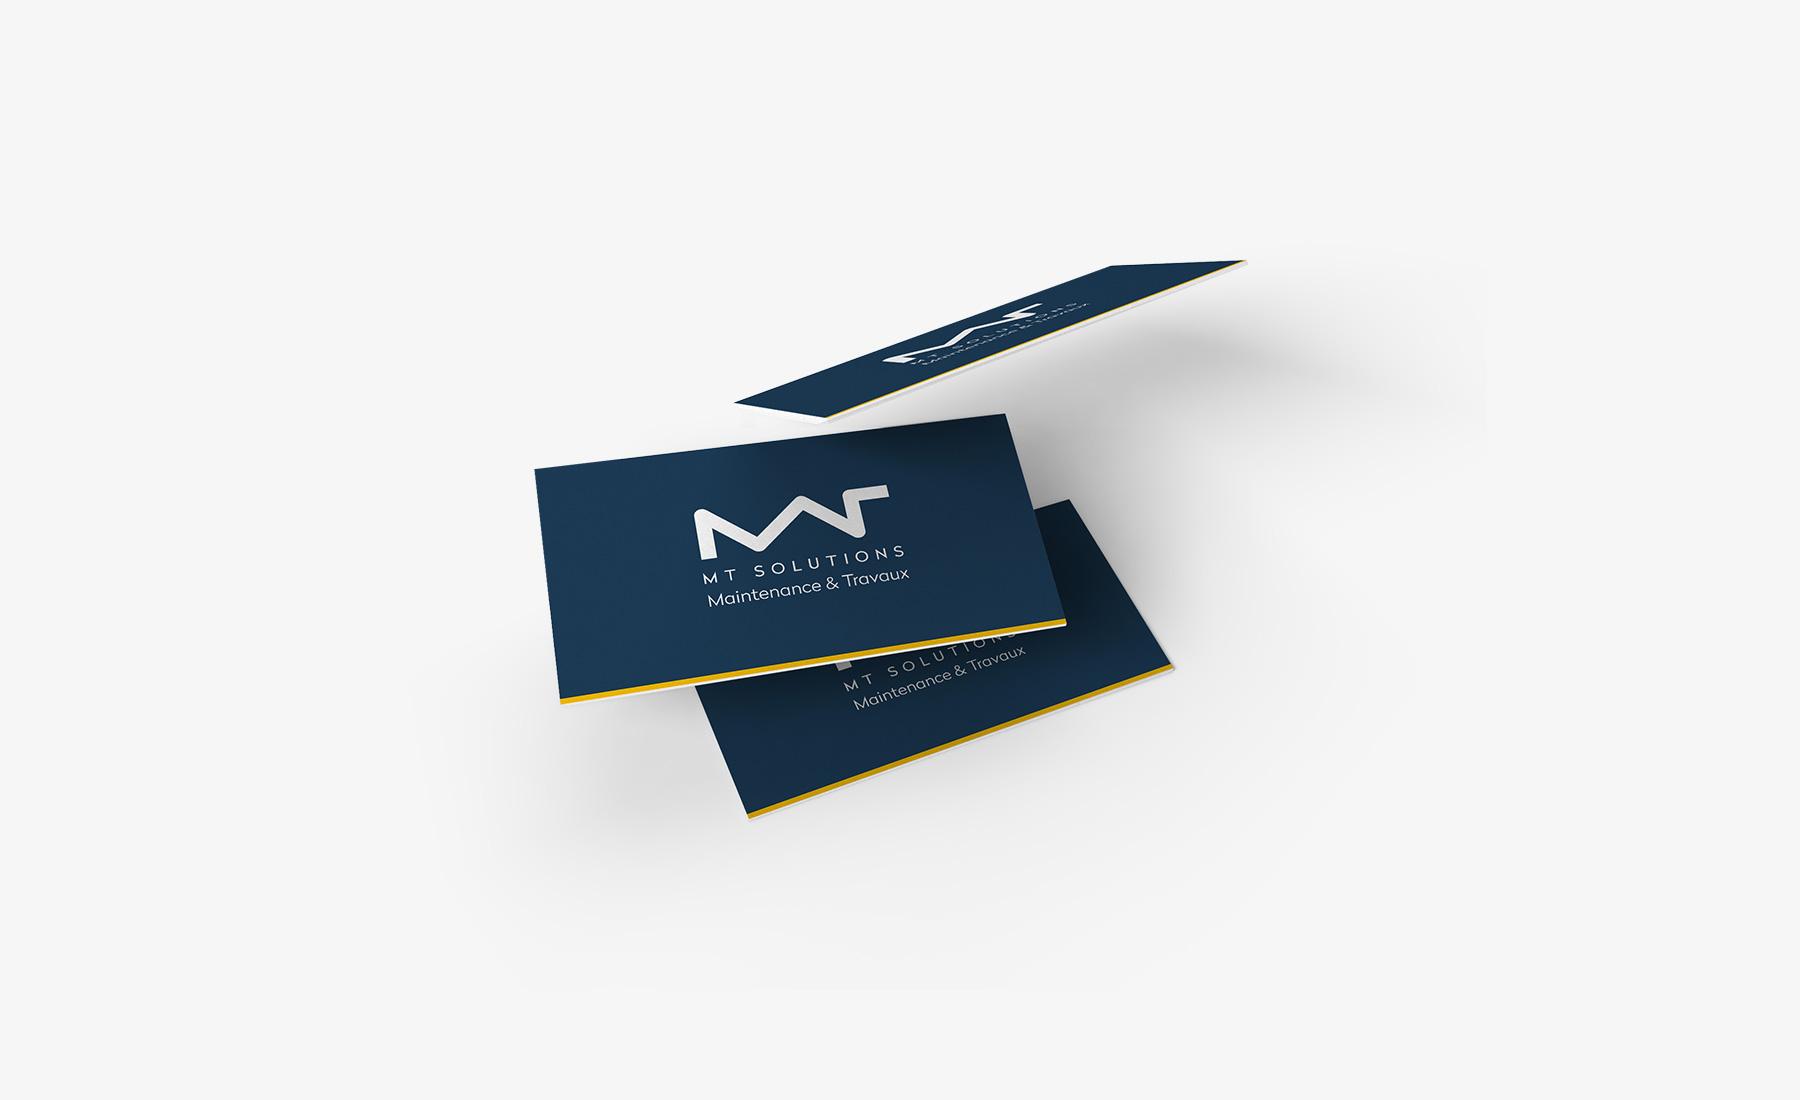 MT Solutions - Branding par l'agence Sharing